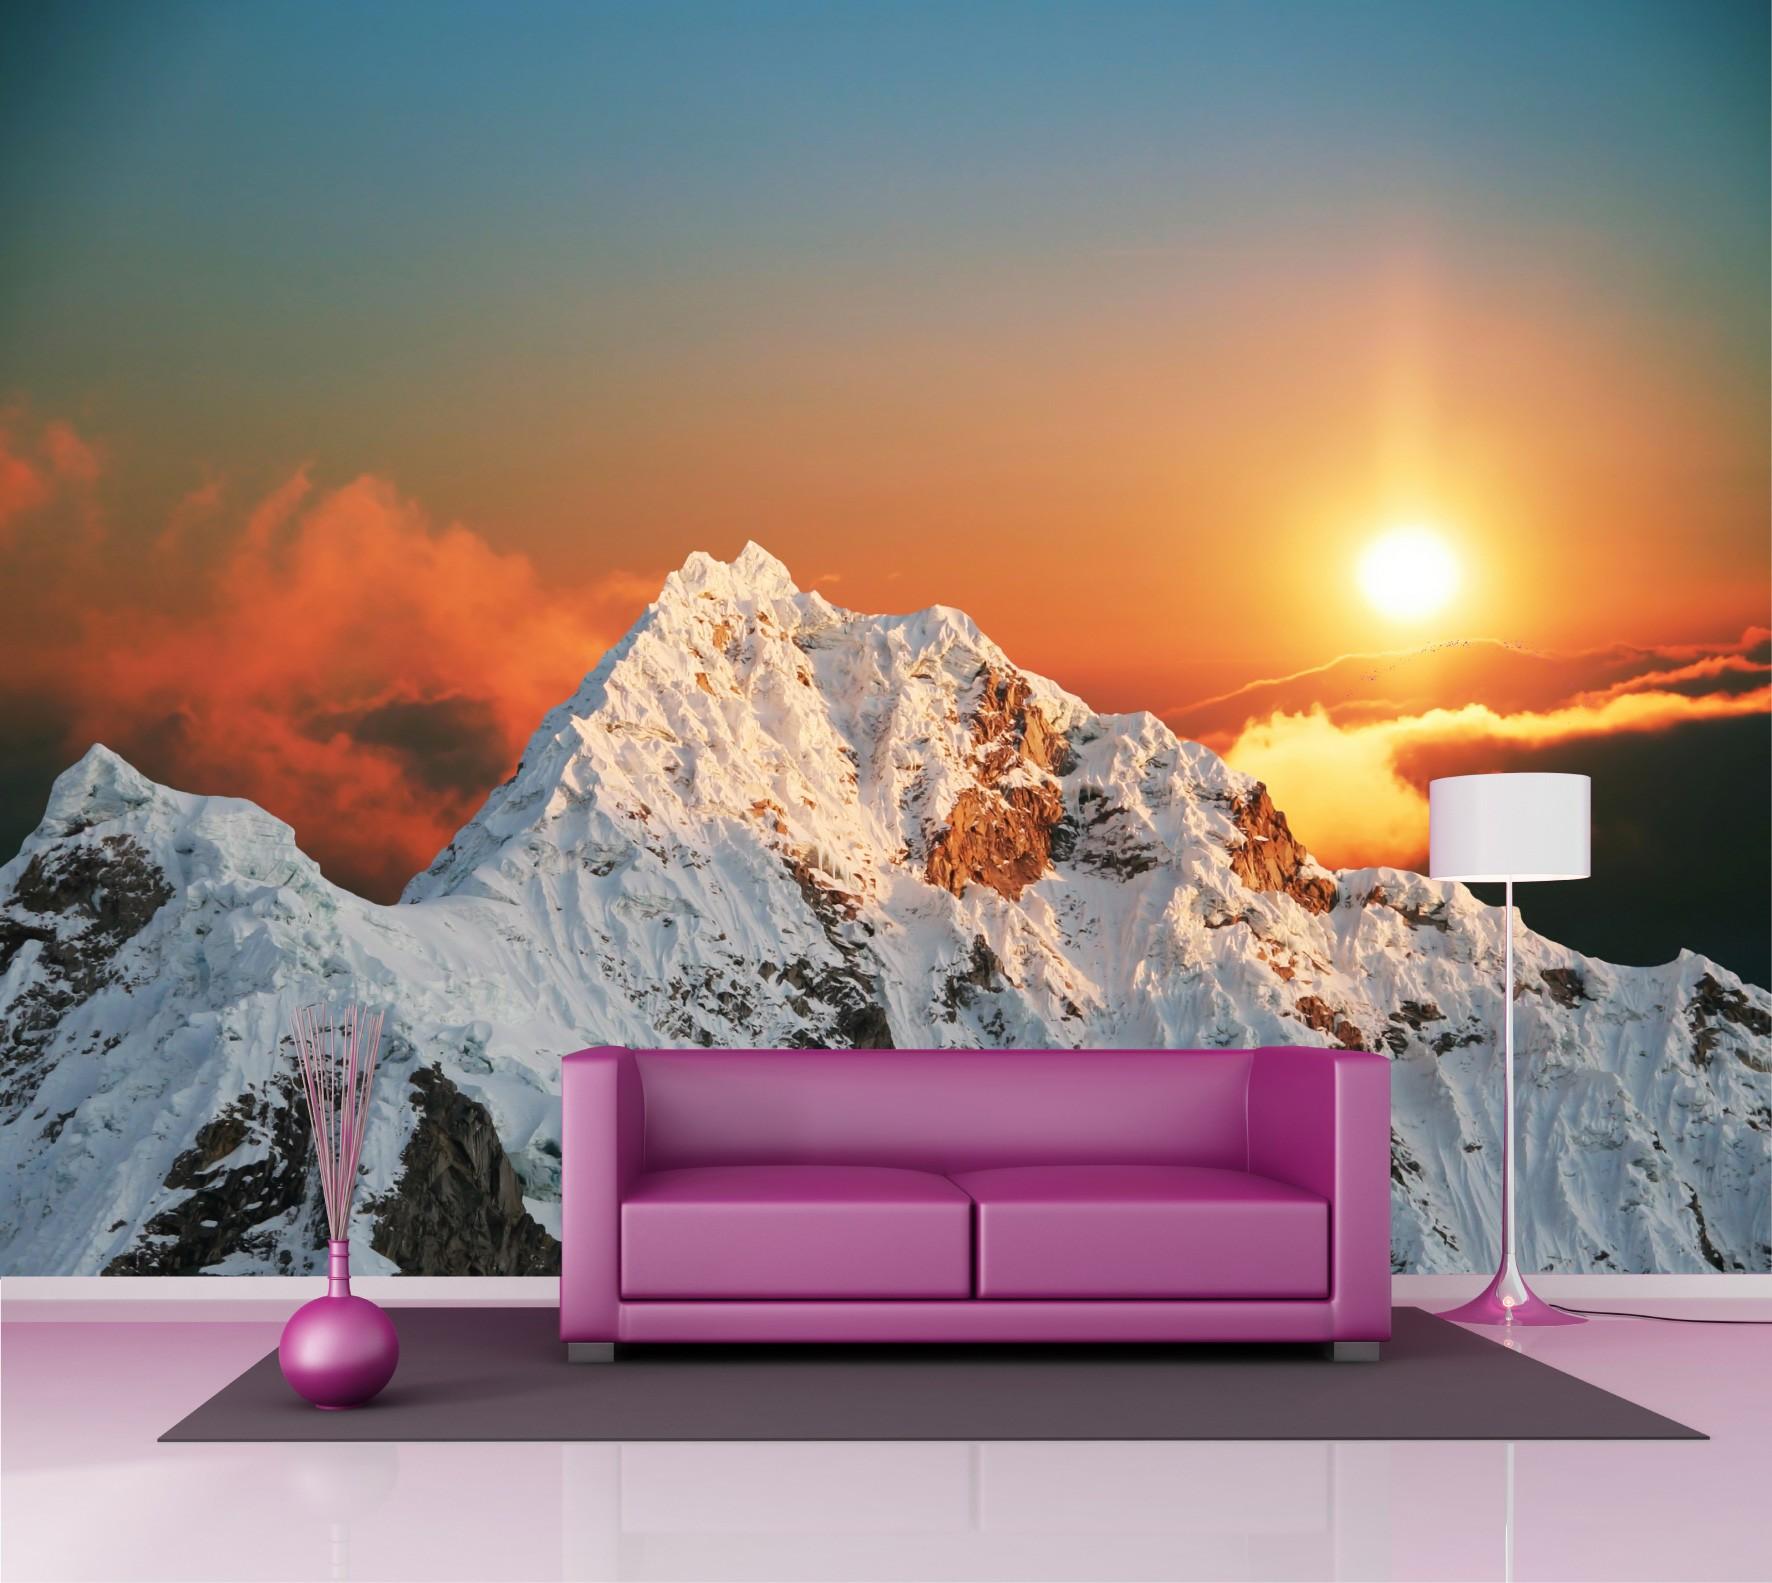 Papier Peint Grand Format Montagne Couche De Soleil 2 5x3 6 M Art